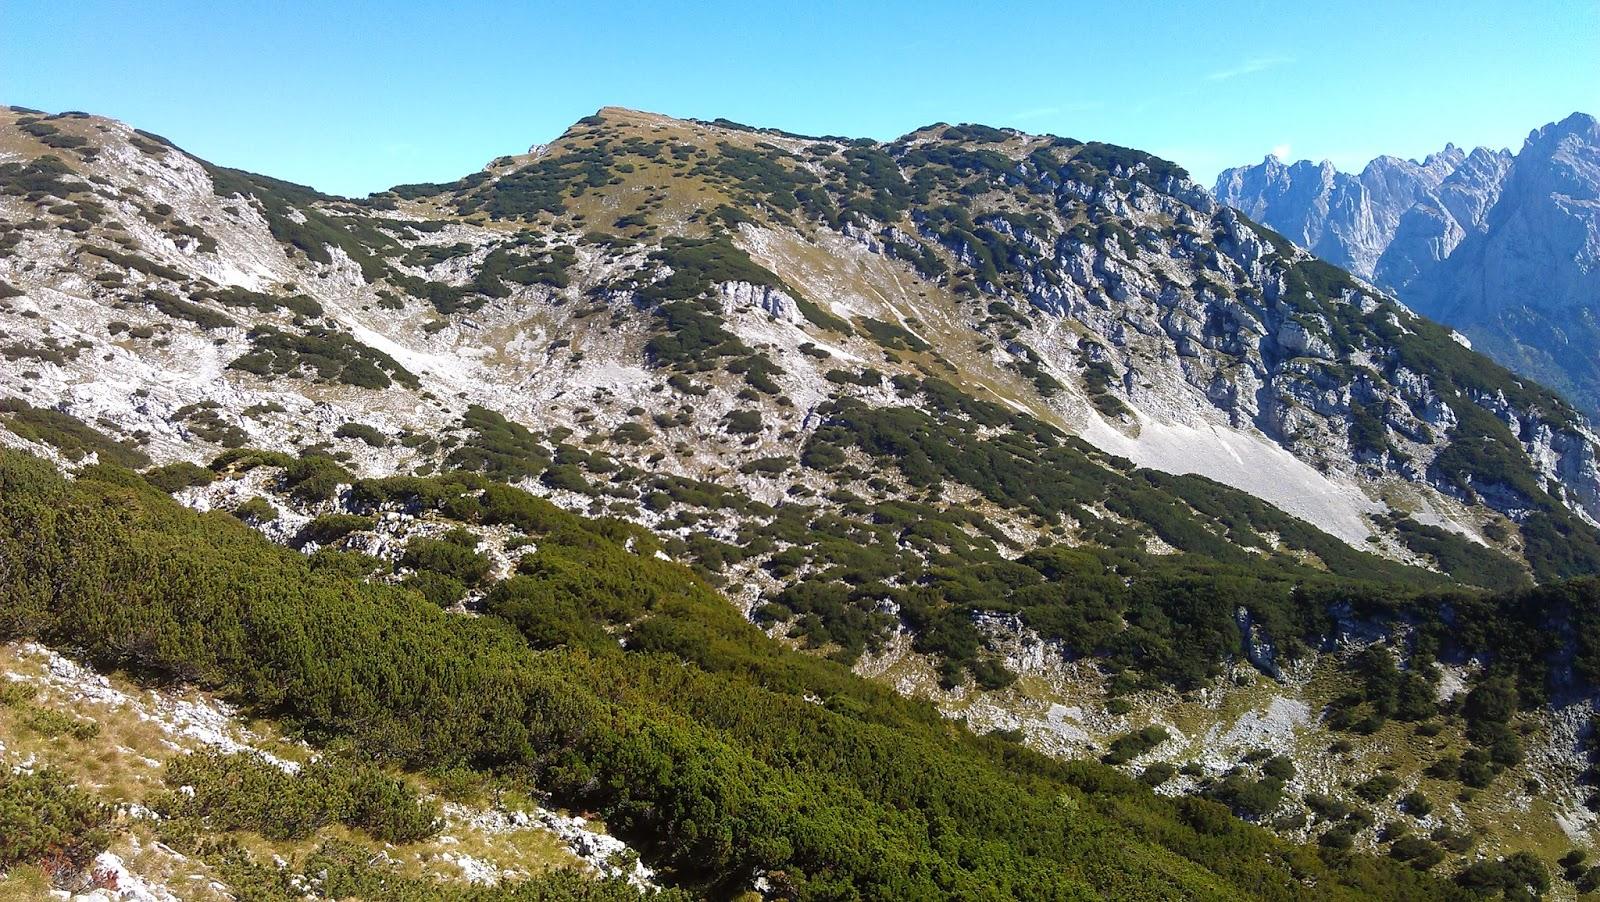 My top ten hikes - No. 1 Pyramidenspitze